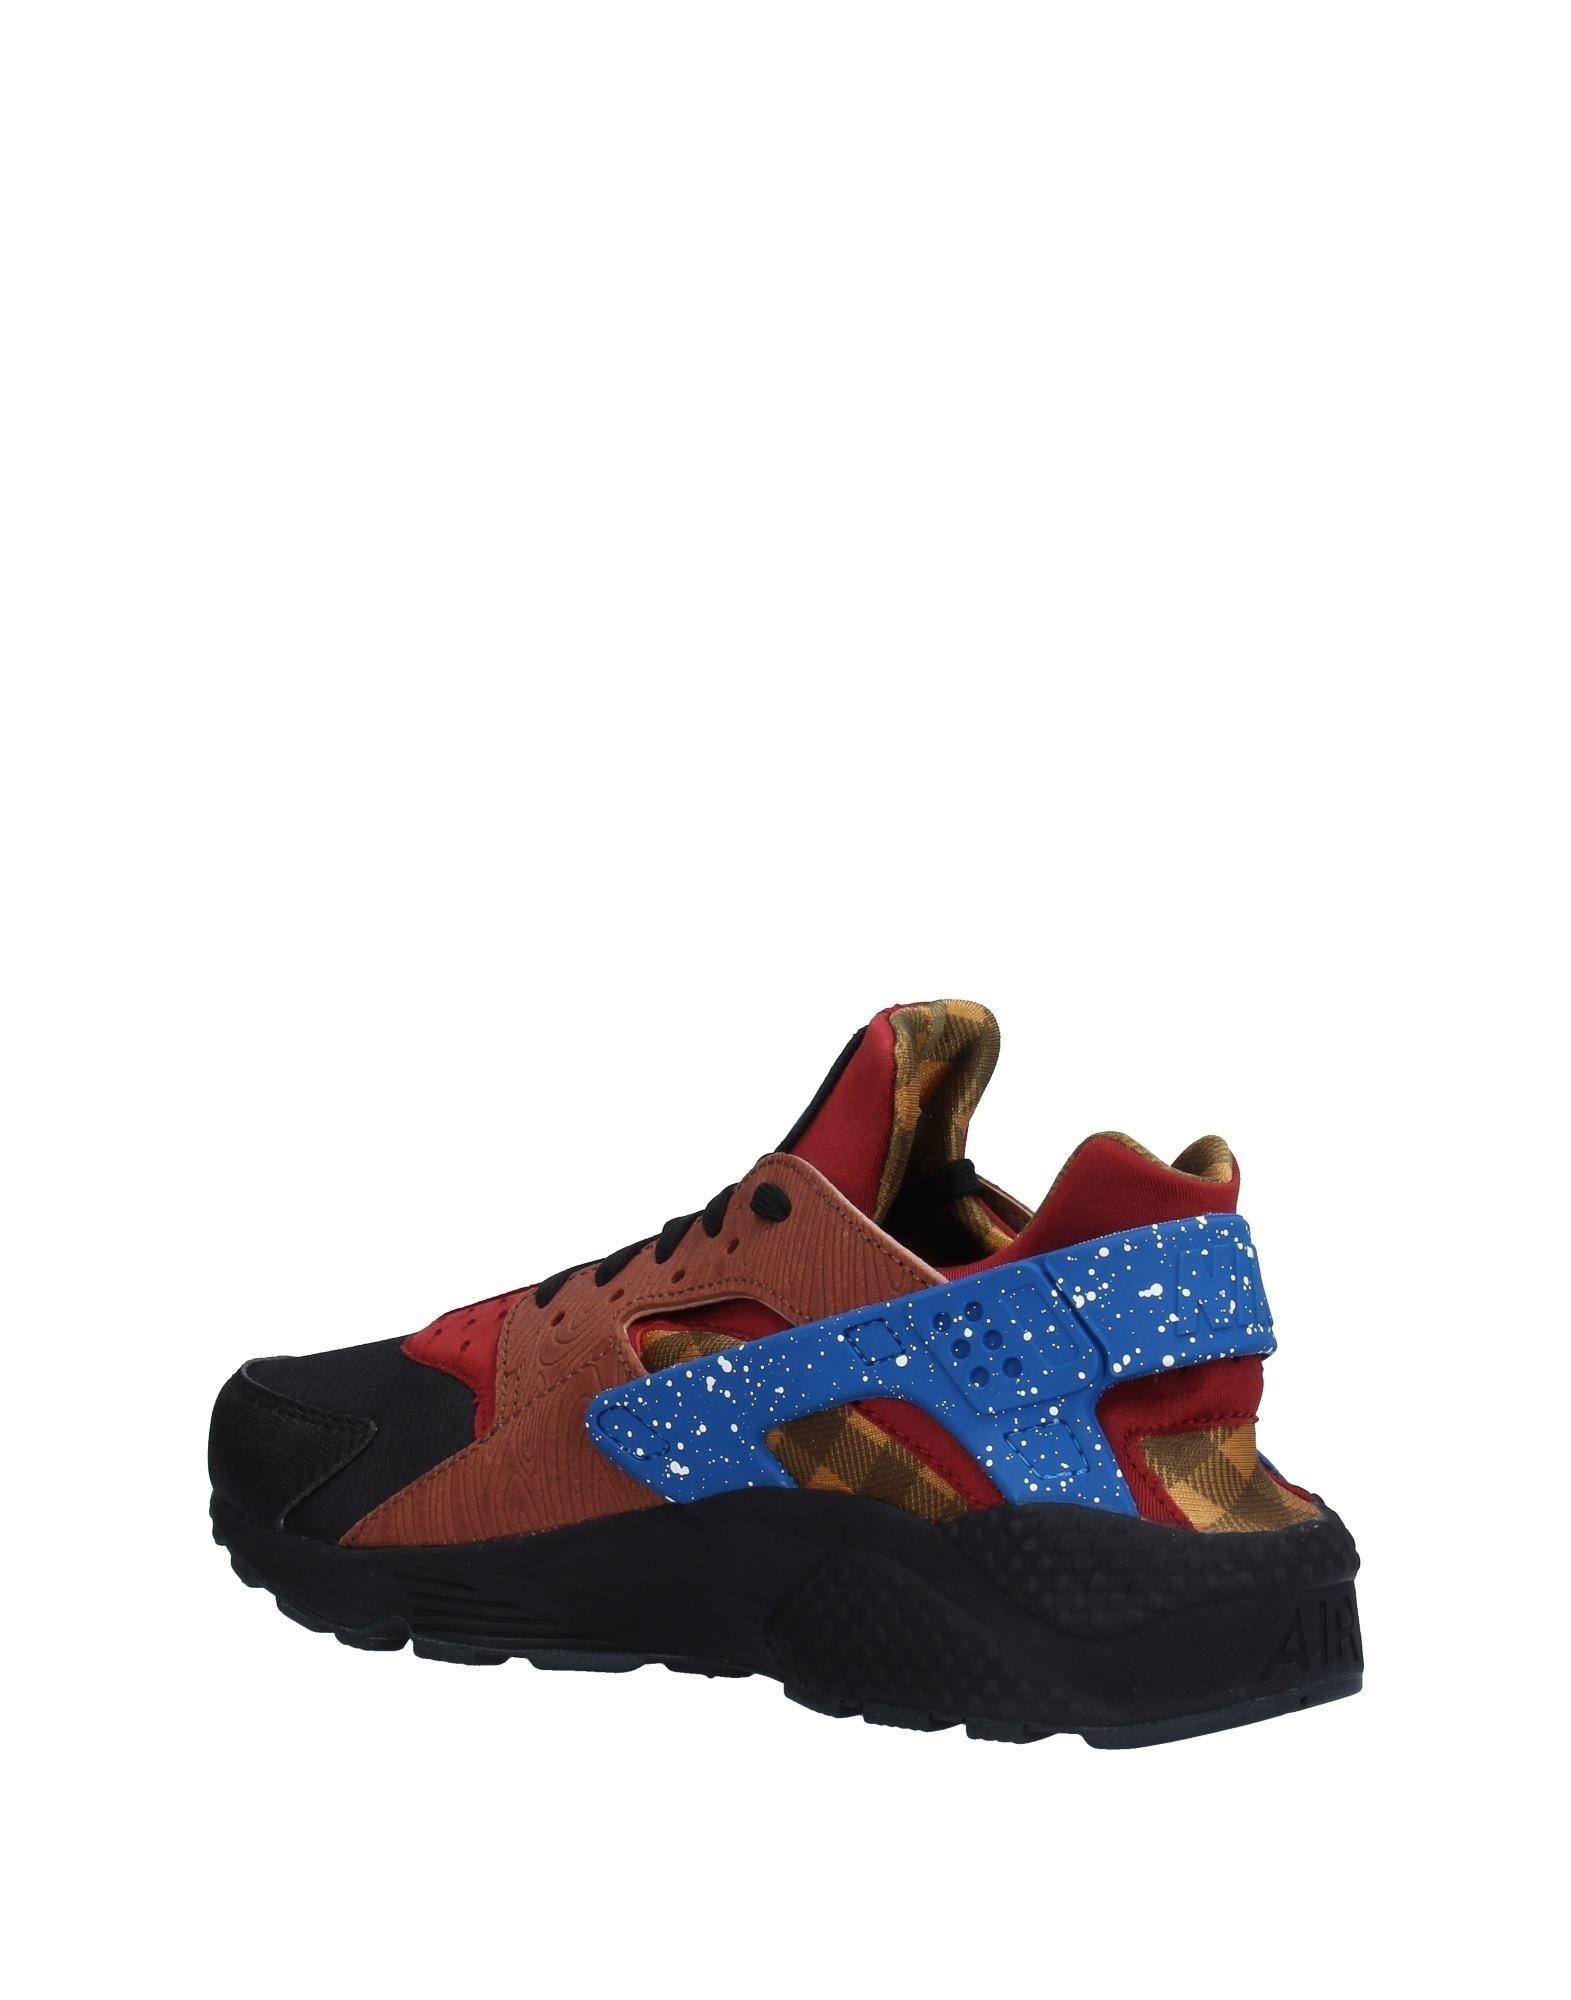 Rabatt Herren echte Schuhe Nike Sneakers Herren Rabatt  11268484EK 2e84ba